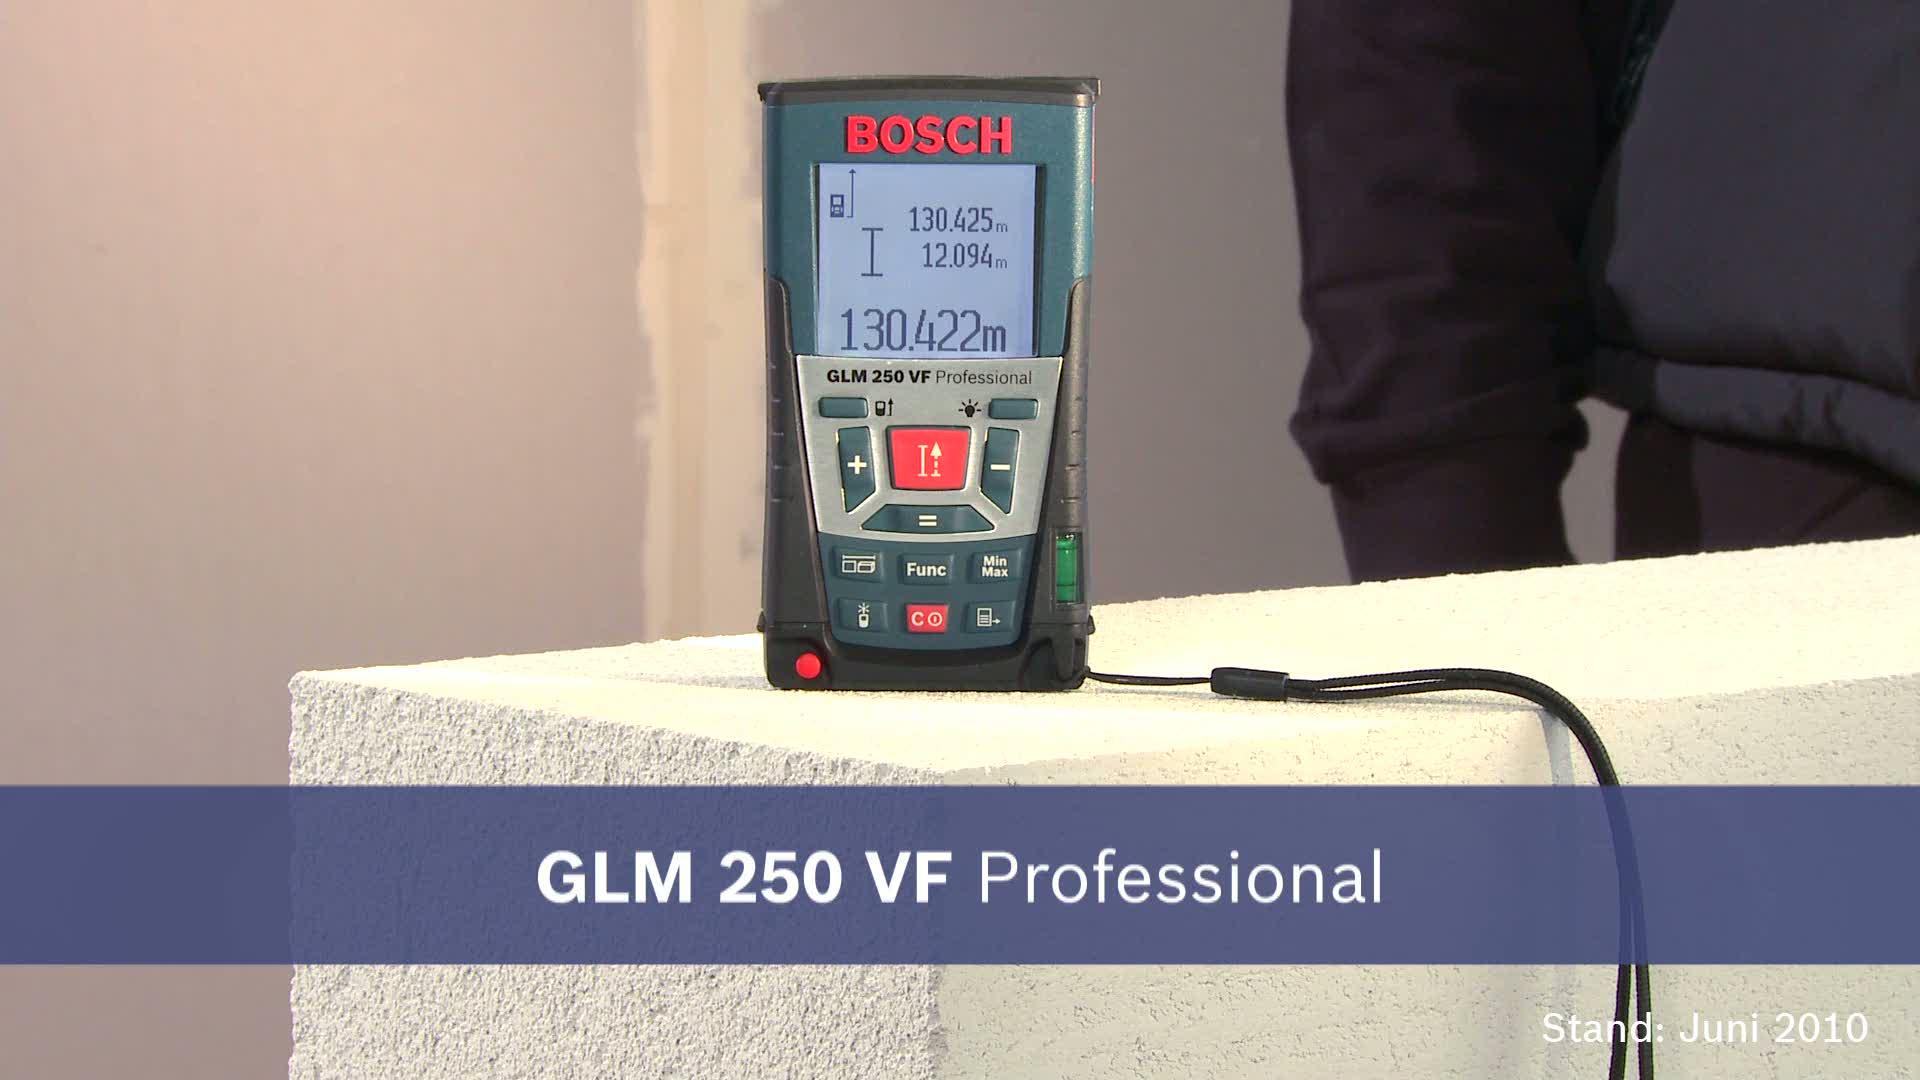 Bosch Entfernungsmesser Mit App : Glm vf laser entfernungsmesser bosch professional